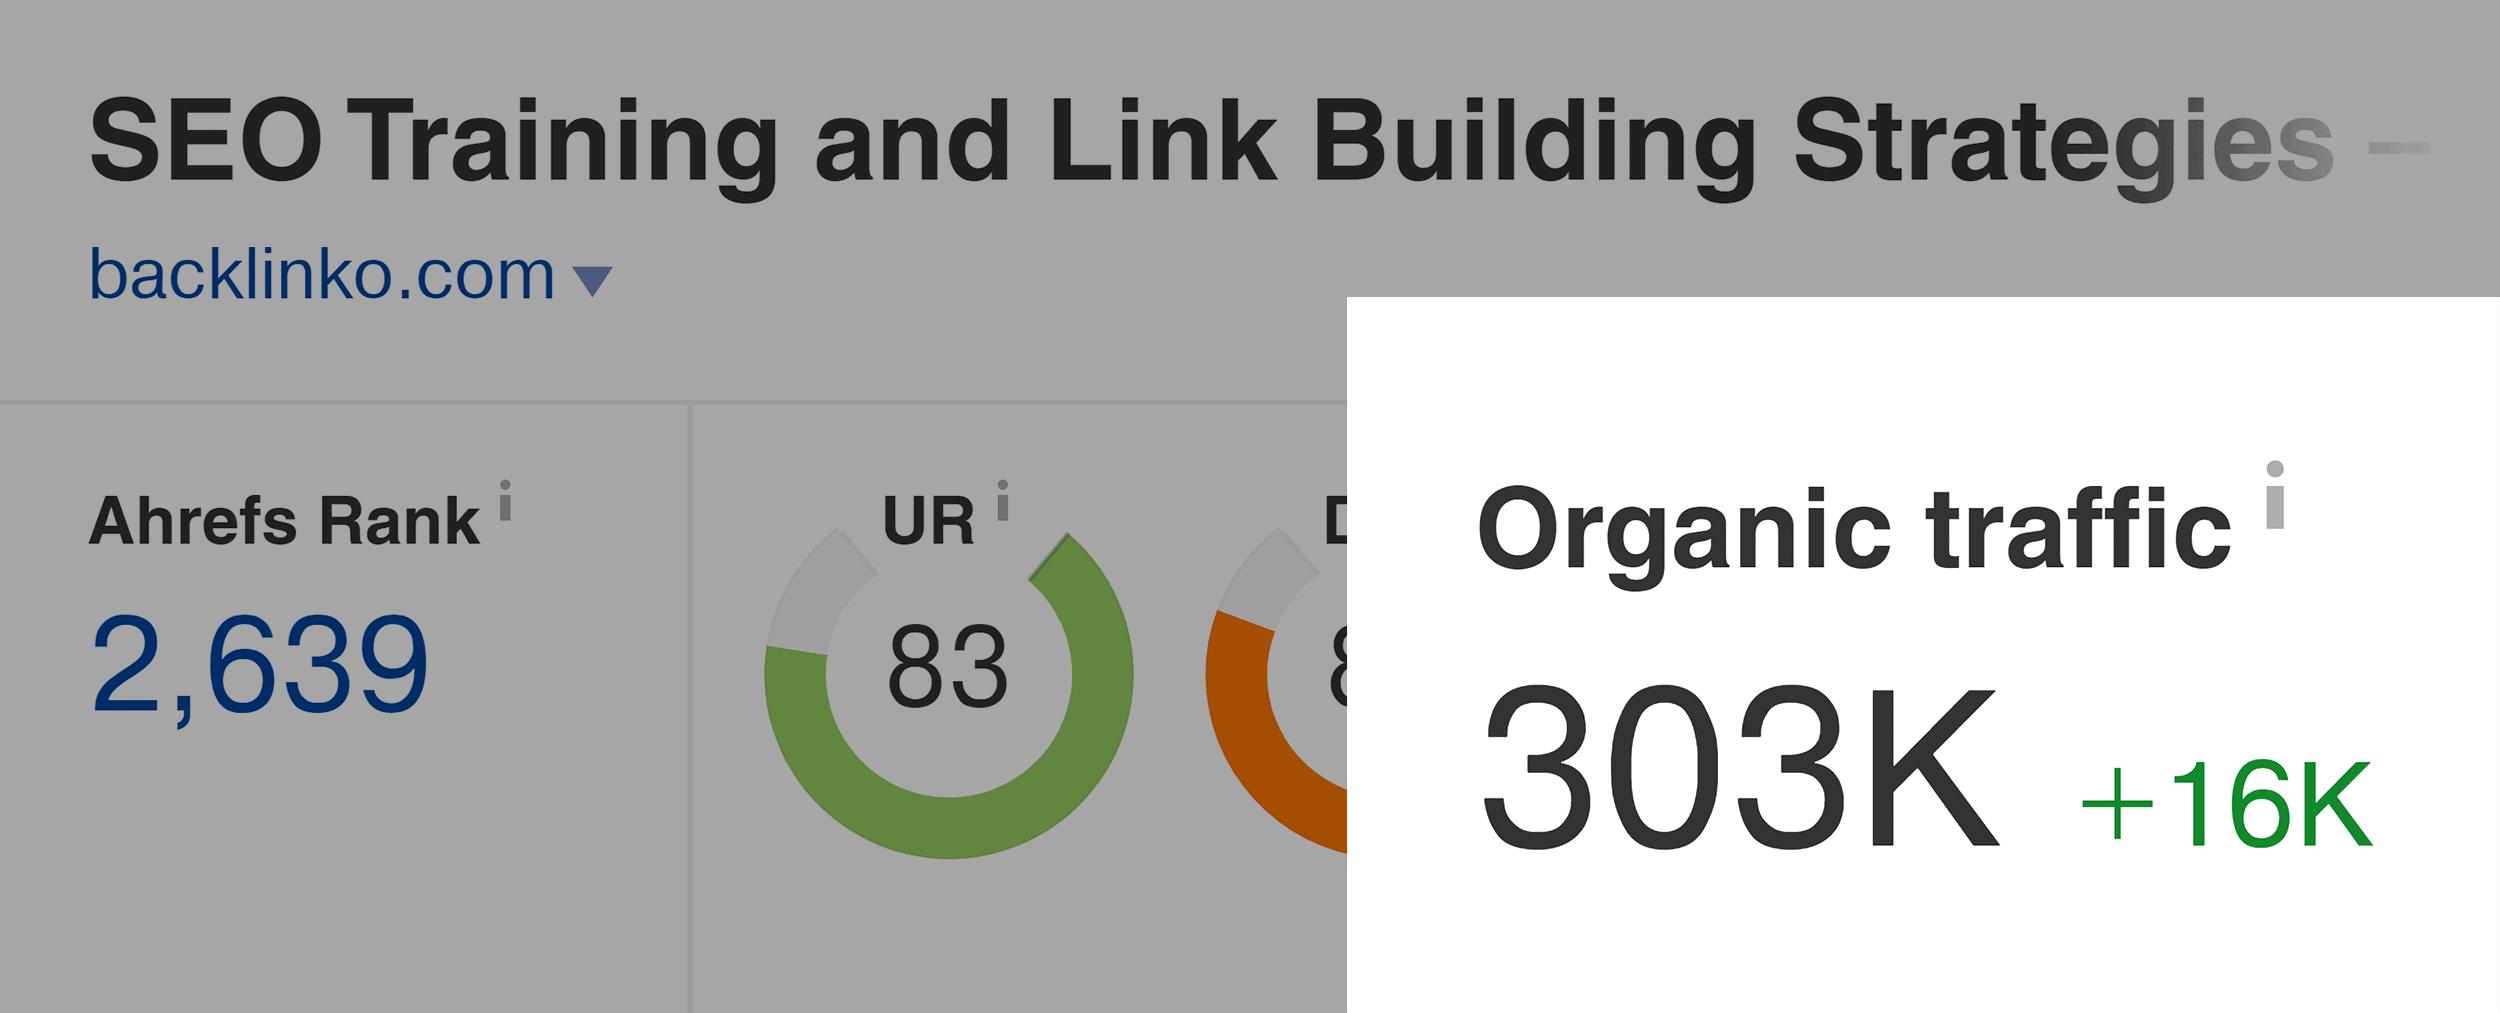 Ahrefs – Backlinko organic traffic